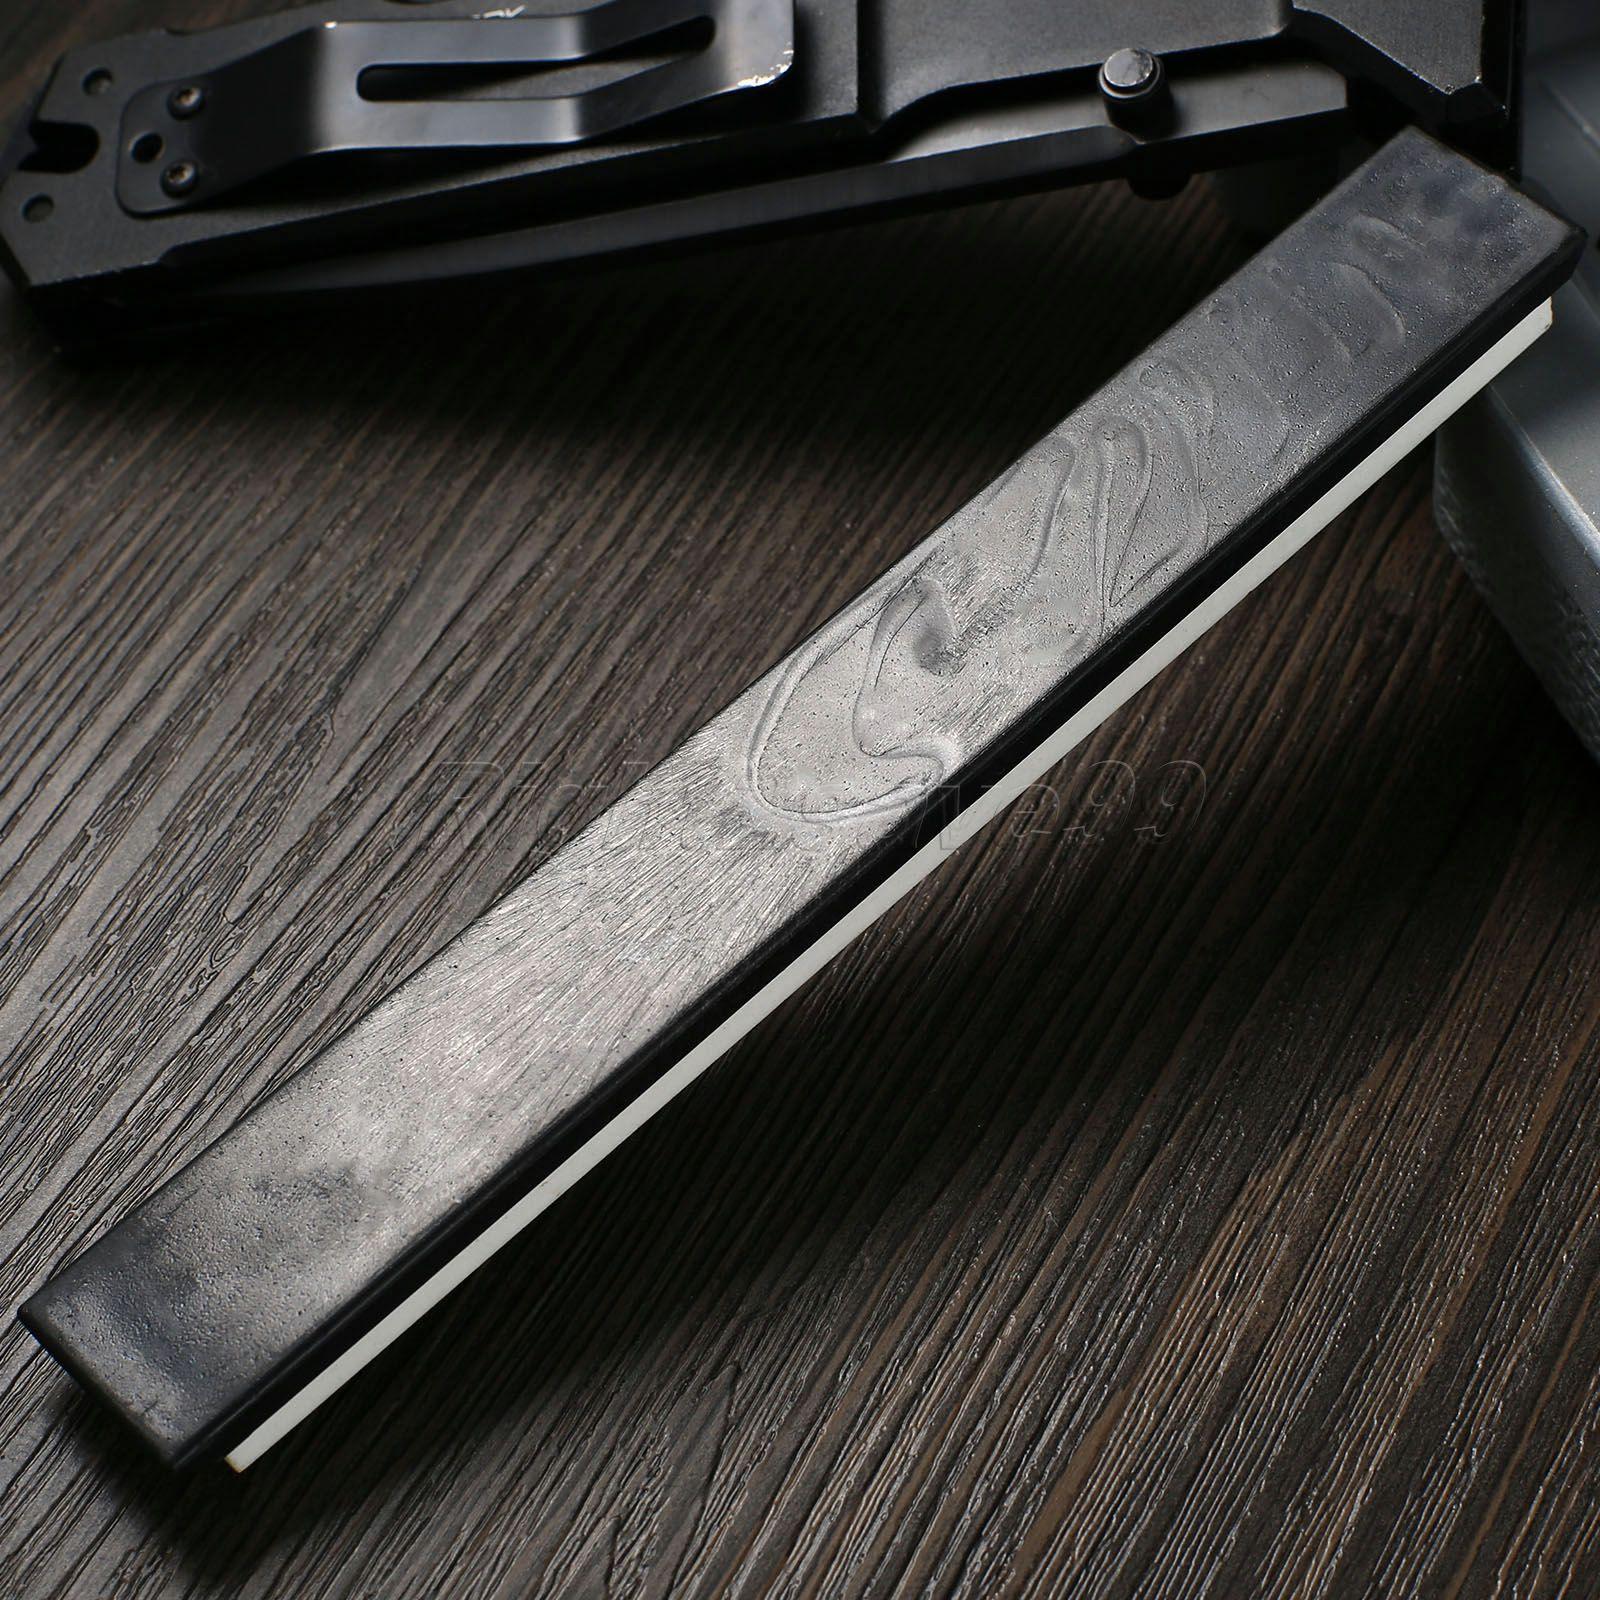 Men Shaving Blade Grindstone Professional Grinding Sharpener Mens Razor Blade Grindstones 2000# New Arrival High Quality